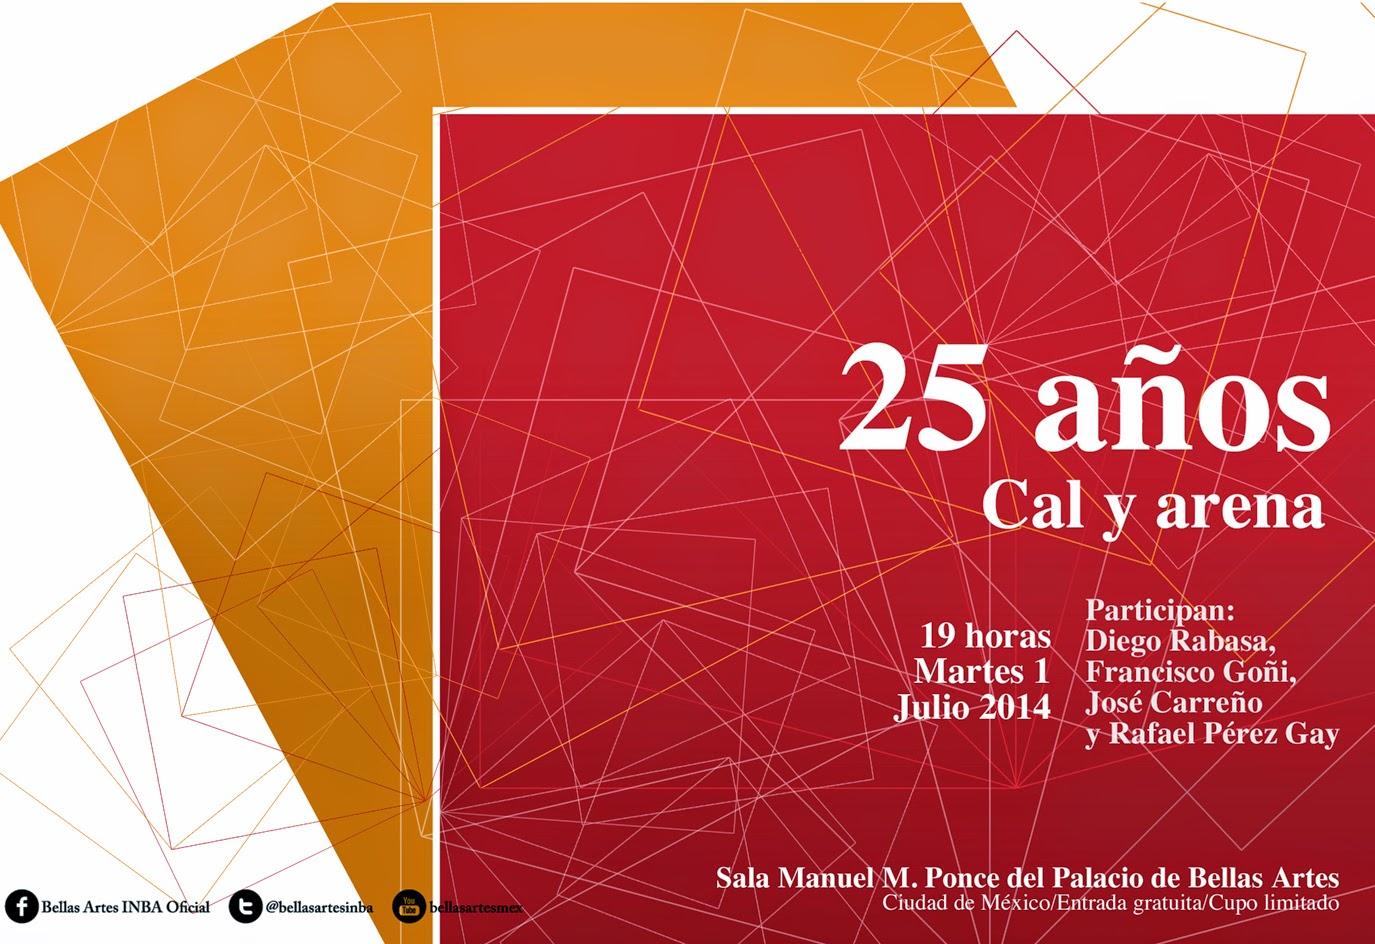 Charla sobre los 25 años de Ediciones Cal y Arena en el Palacio de Bellas Artes